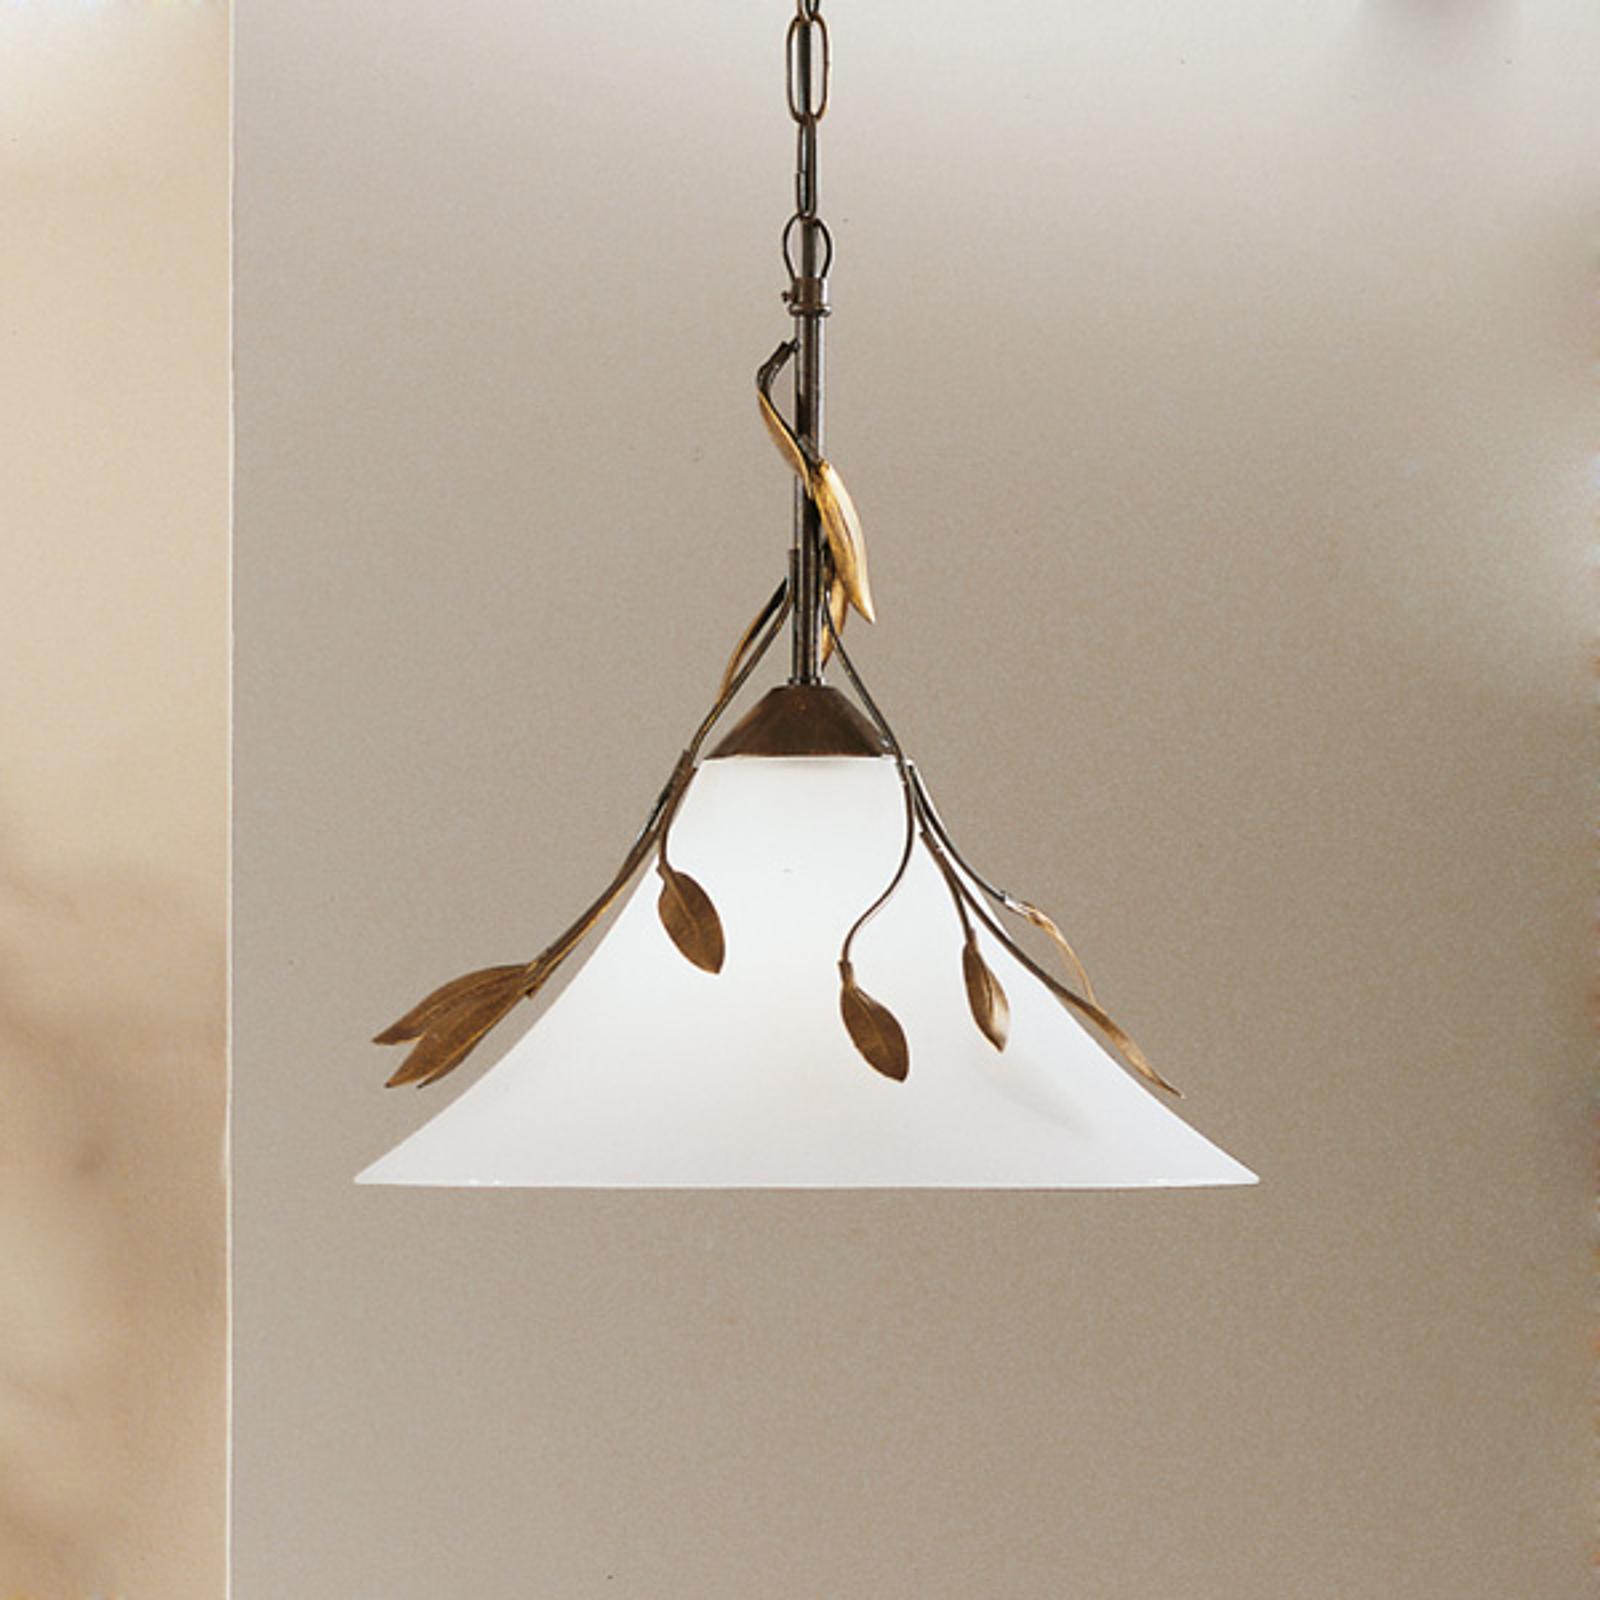 Dekoracyjna lampa wisząca CAMPANA, 30 cm